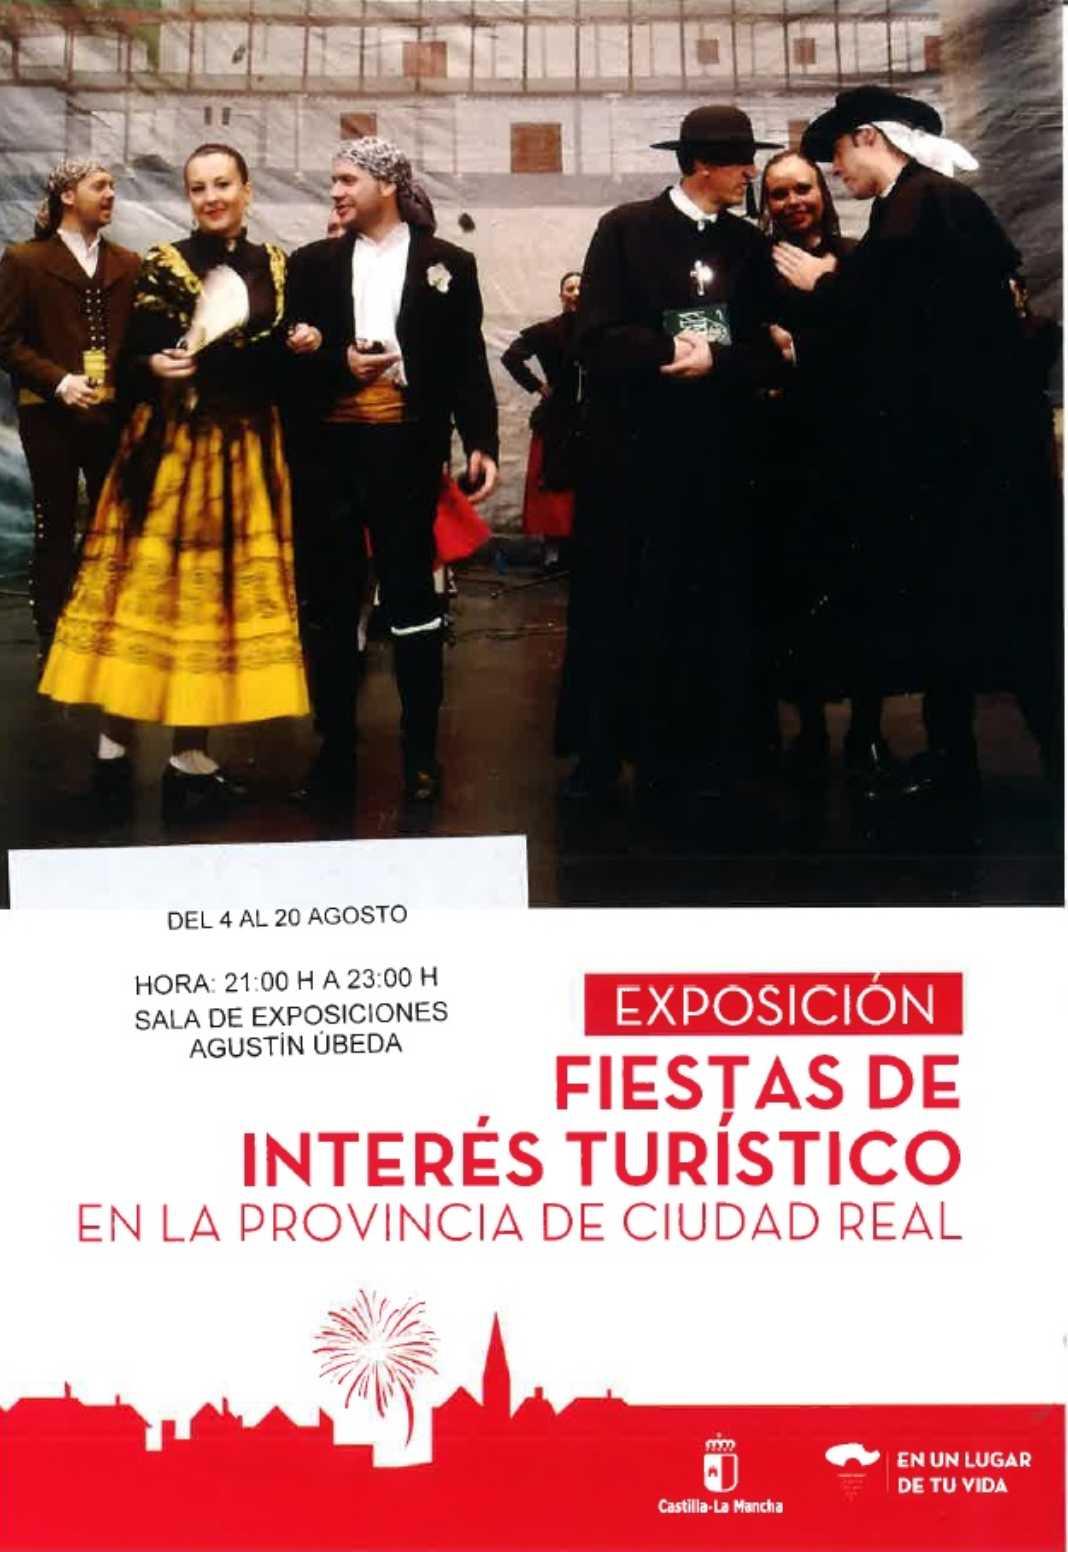 """Exposición Fiestas de INterés Turístico 1068x1552 - Exposición """"Fiestas de Interés Turístico en la provincia de Ciudad Real"""""""